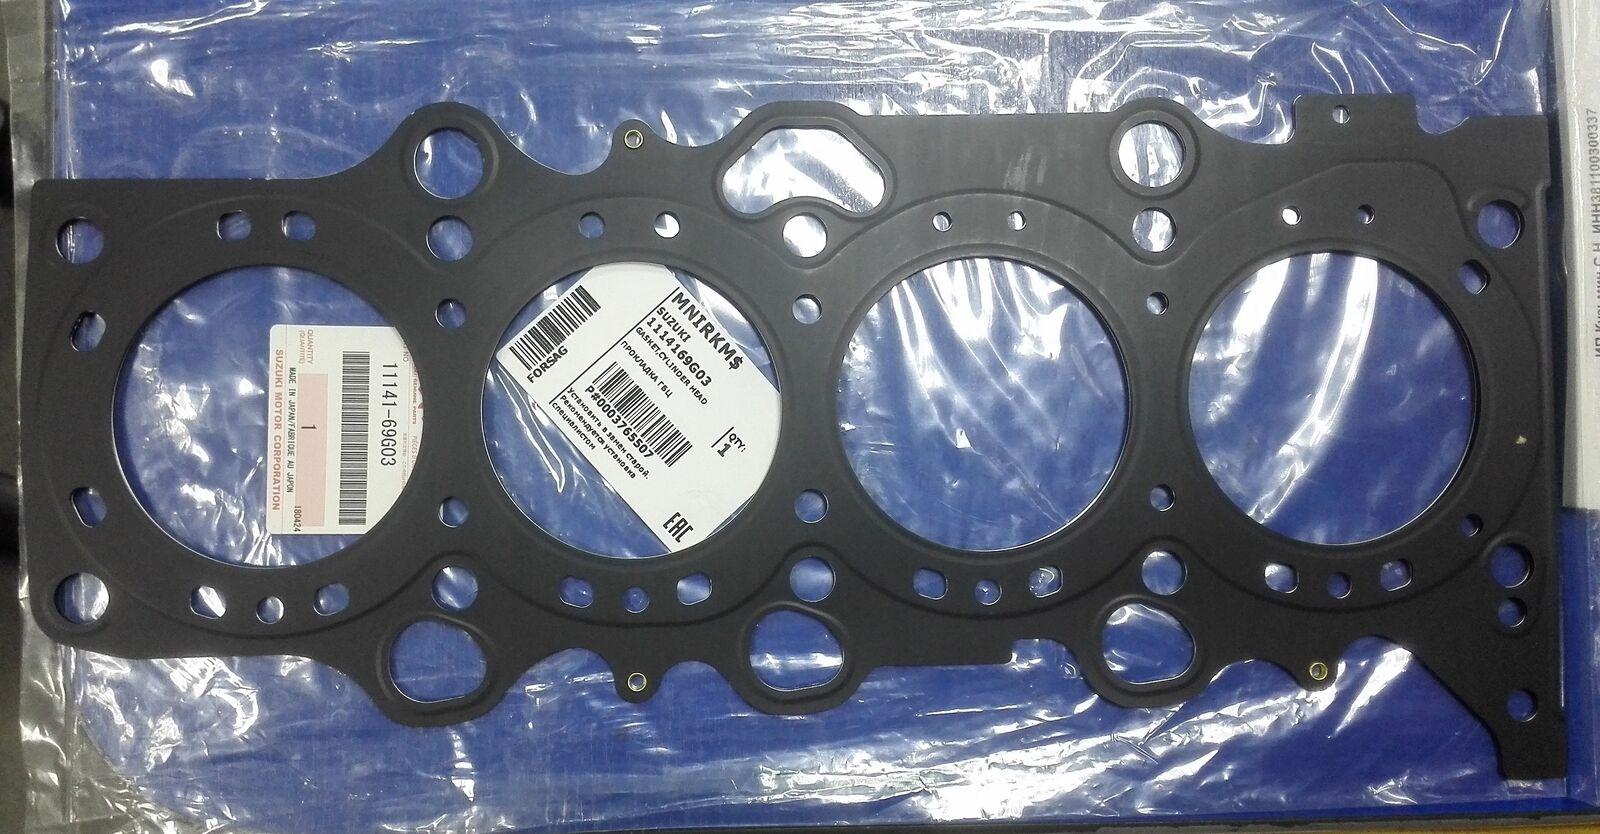 New Genuine OEM Part 11173-33G50-000 Suzuki Gasket,cyl head cover 1117333G50000